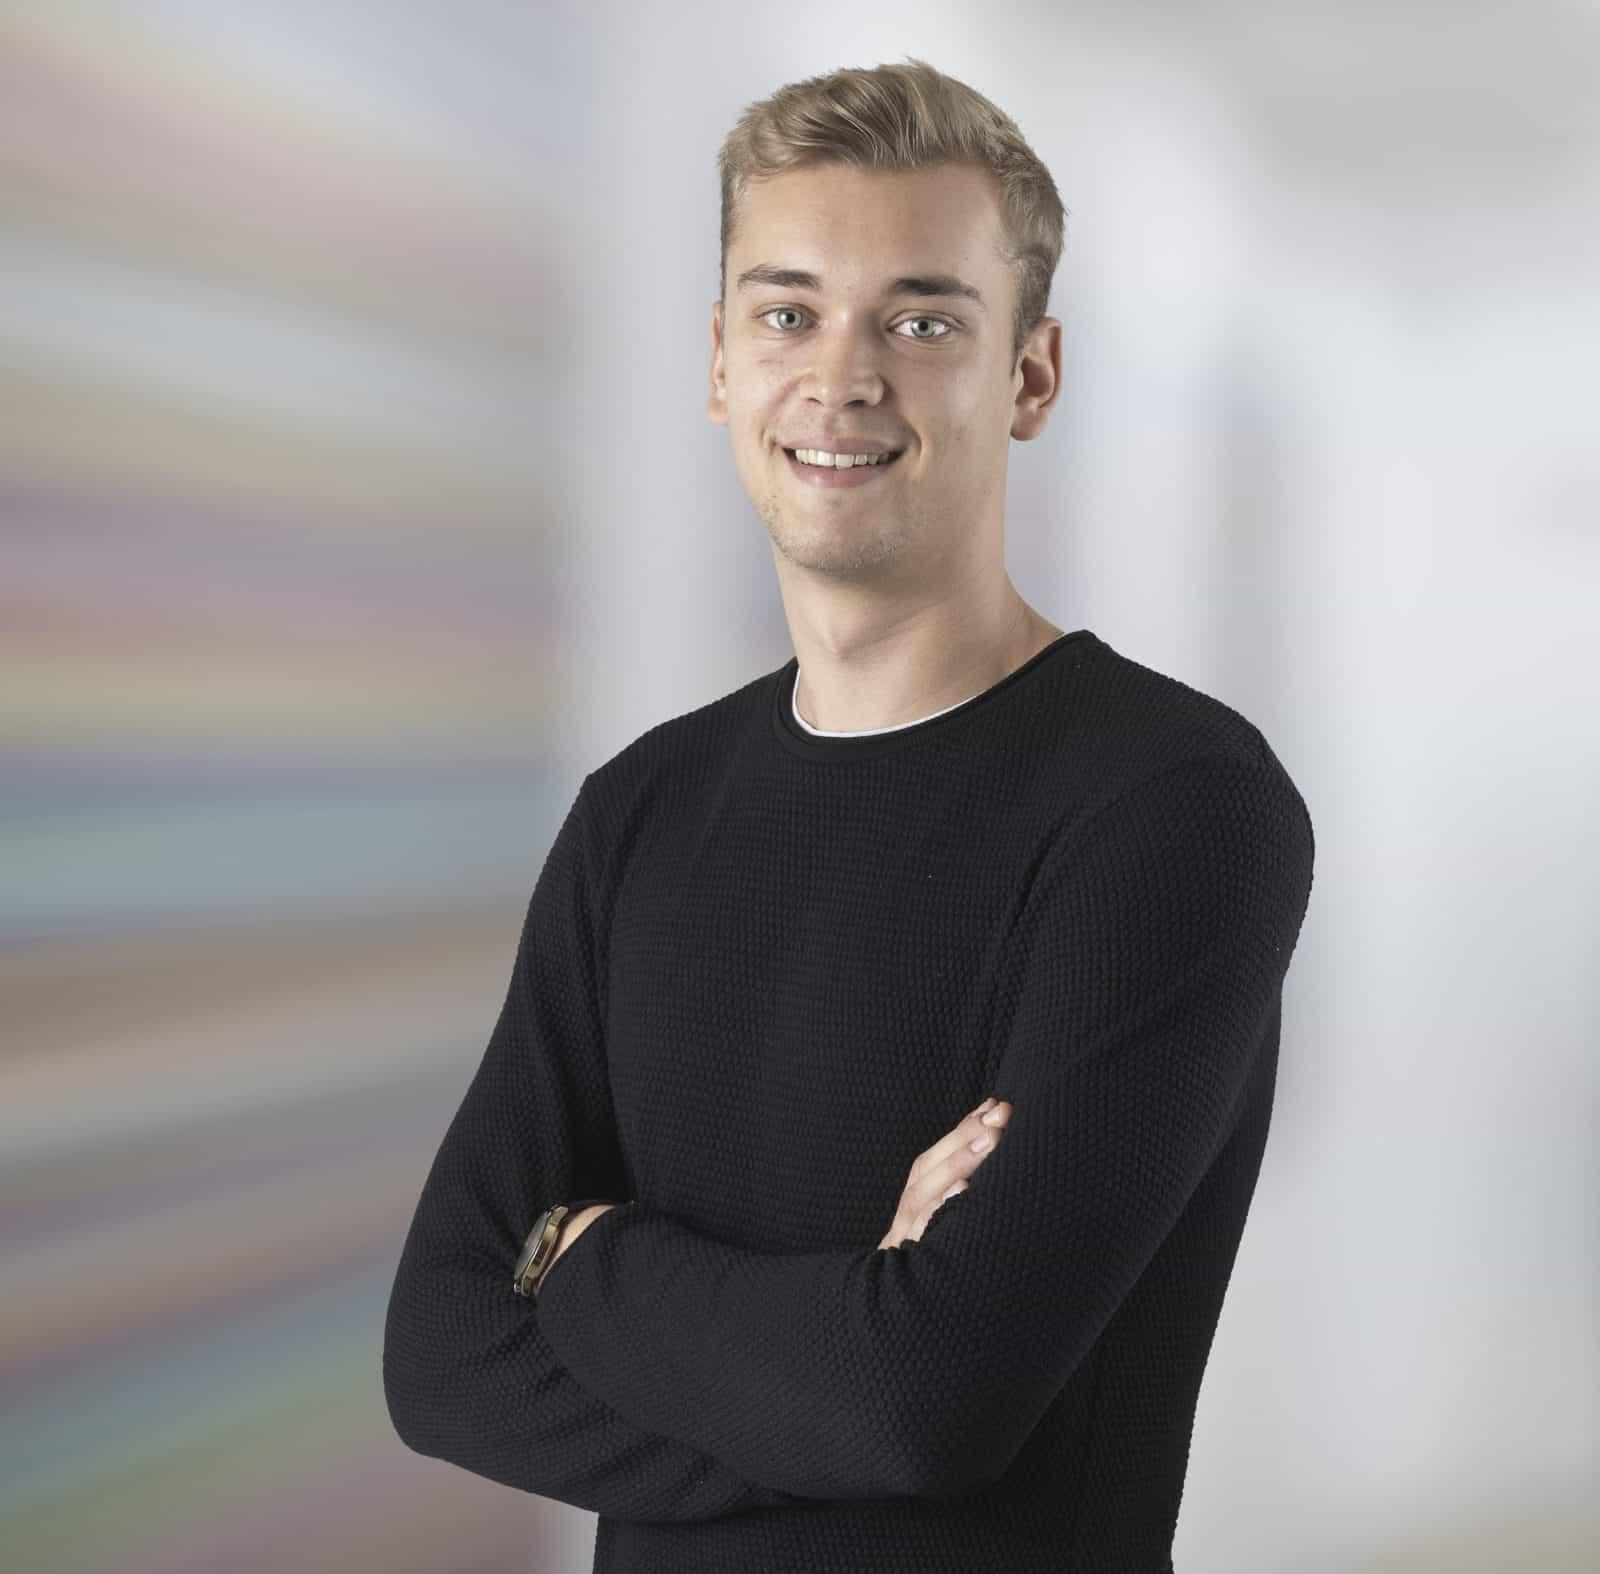 Rasmus Reinhold